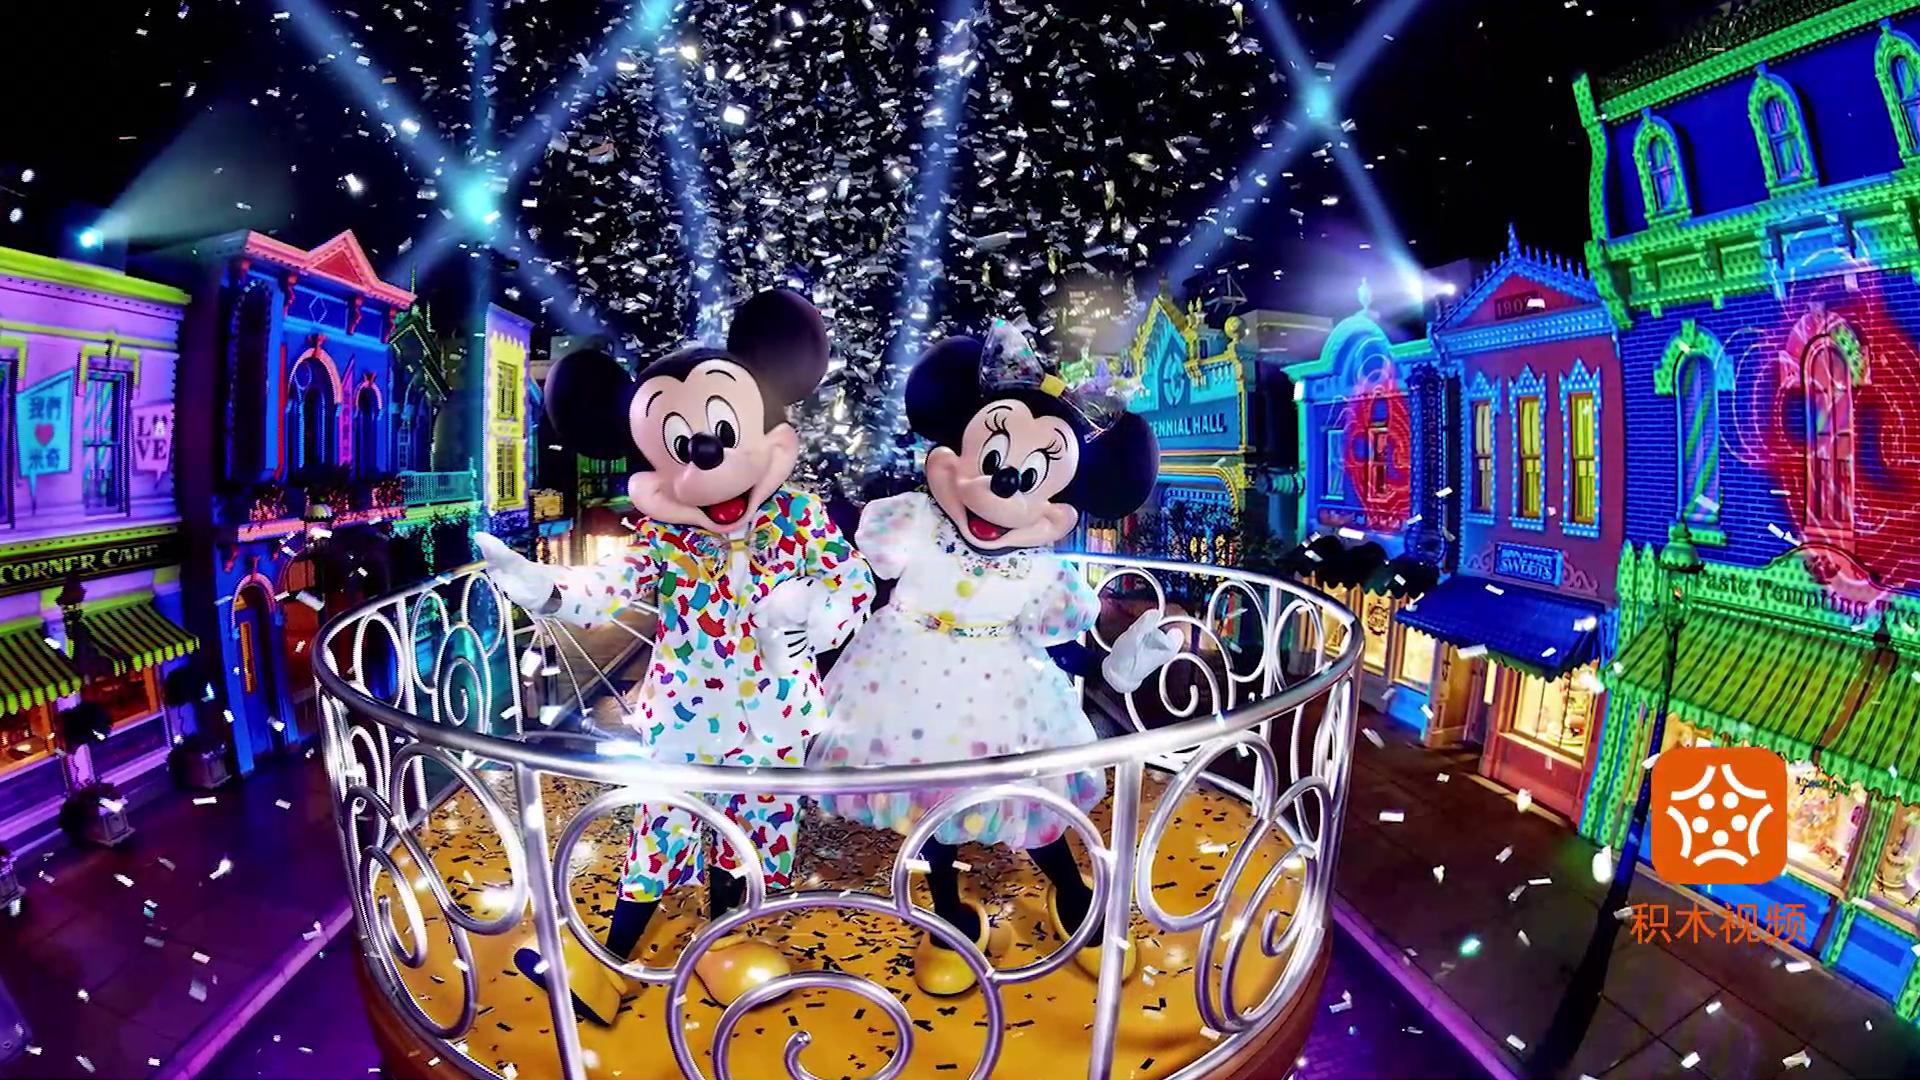 上海迪士尼门票首次低于半价,你想去吗?